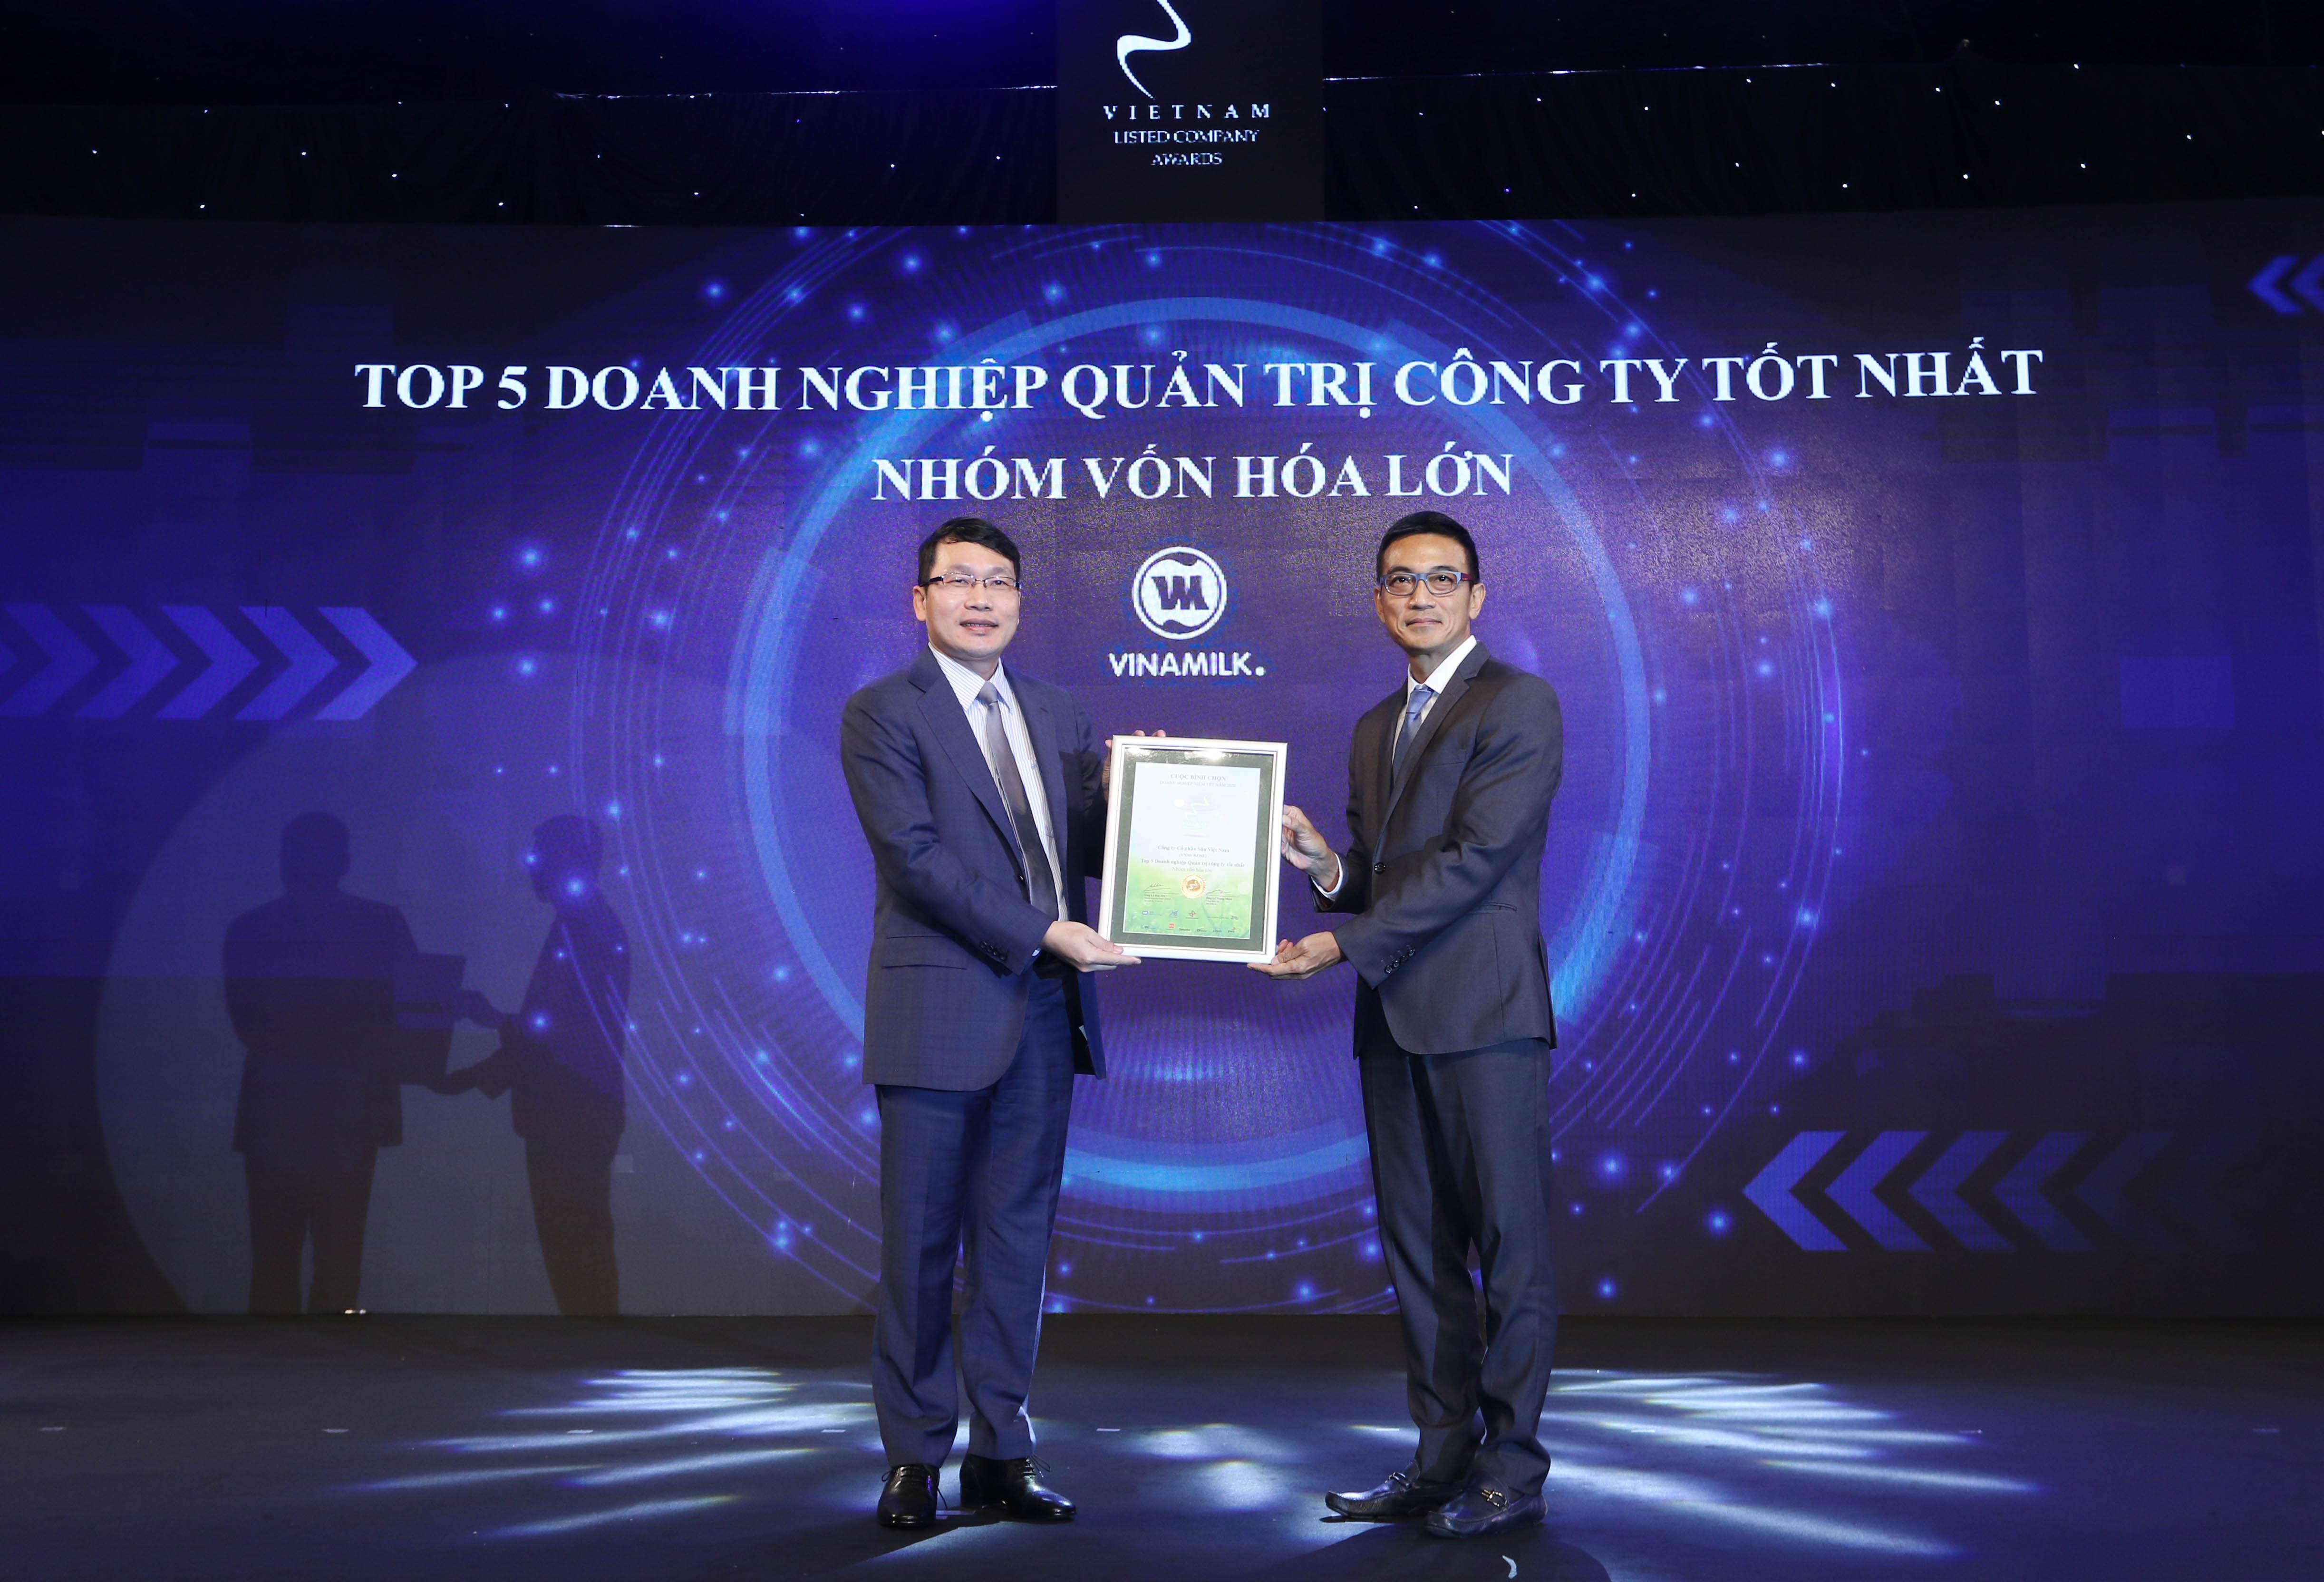 Vinamilk liên tục nhận được giải thưởng về quản trị doanh nghiệp và phát triển bền vững từ các tổ chức trong và ngoài nước